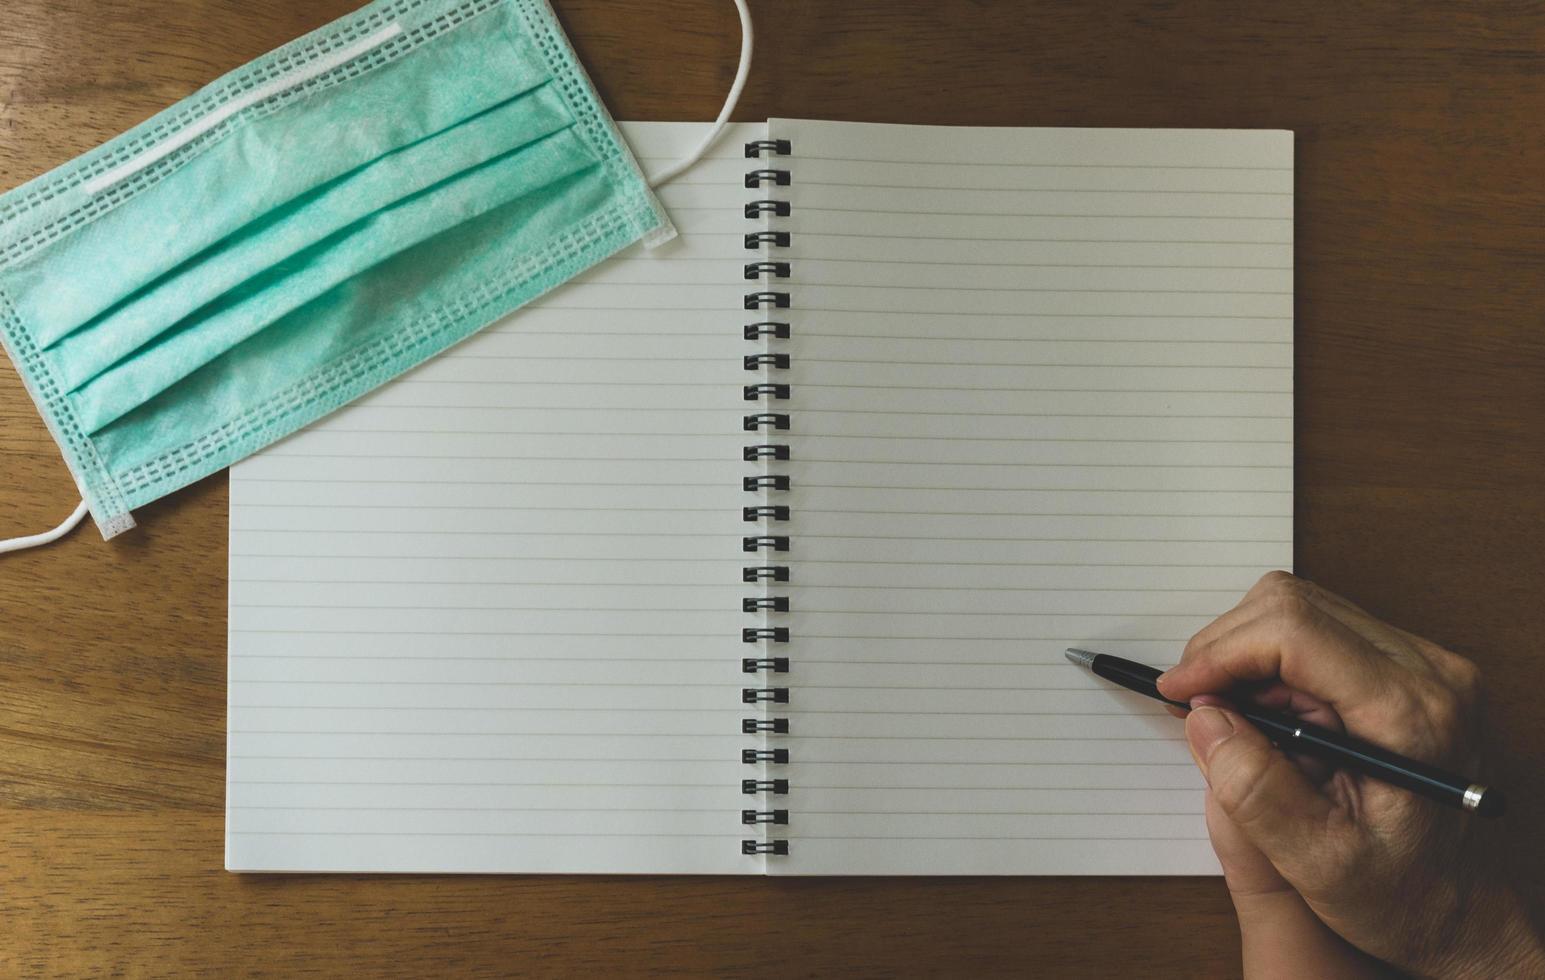 escribiendo en un cuaderno en el escritorio foto